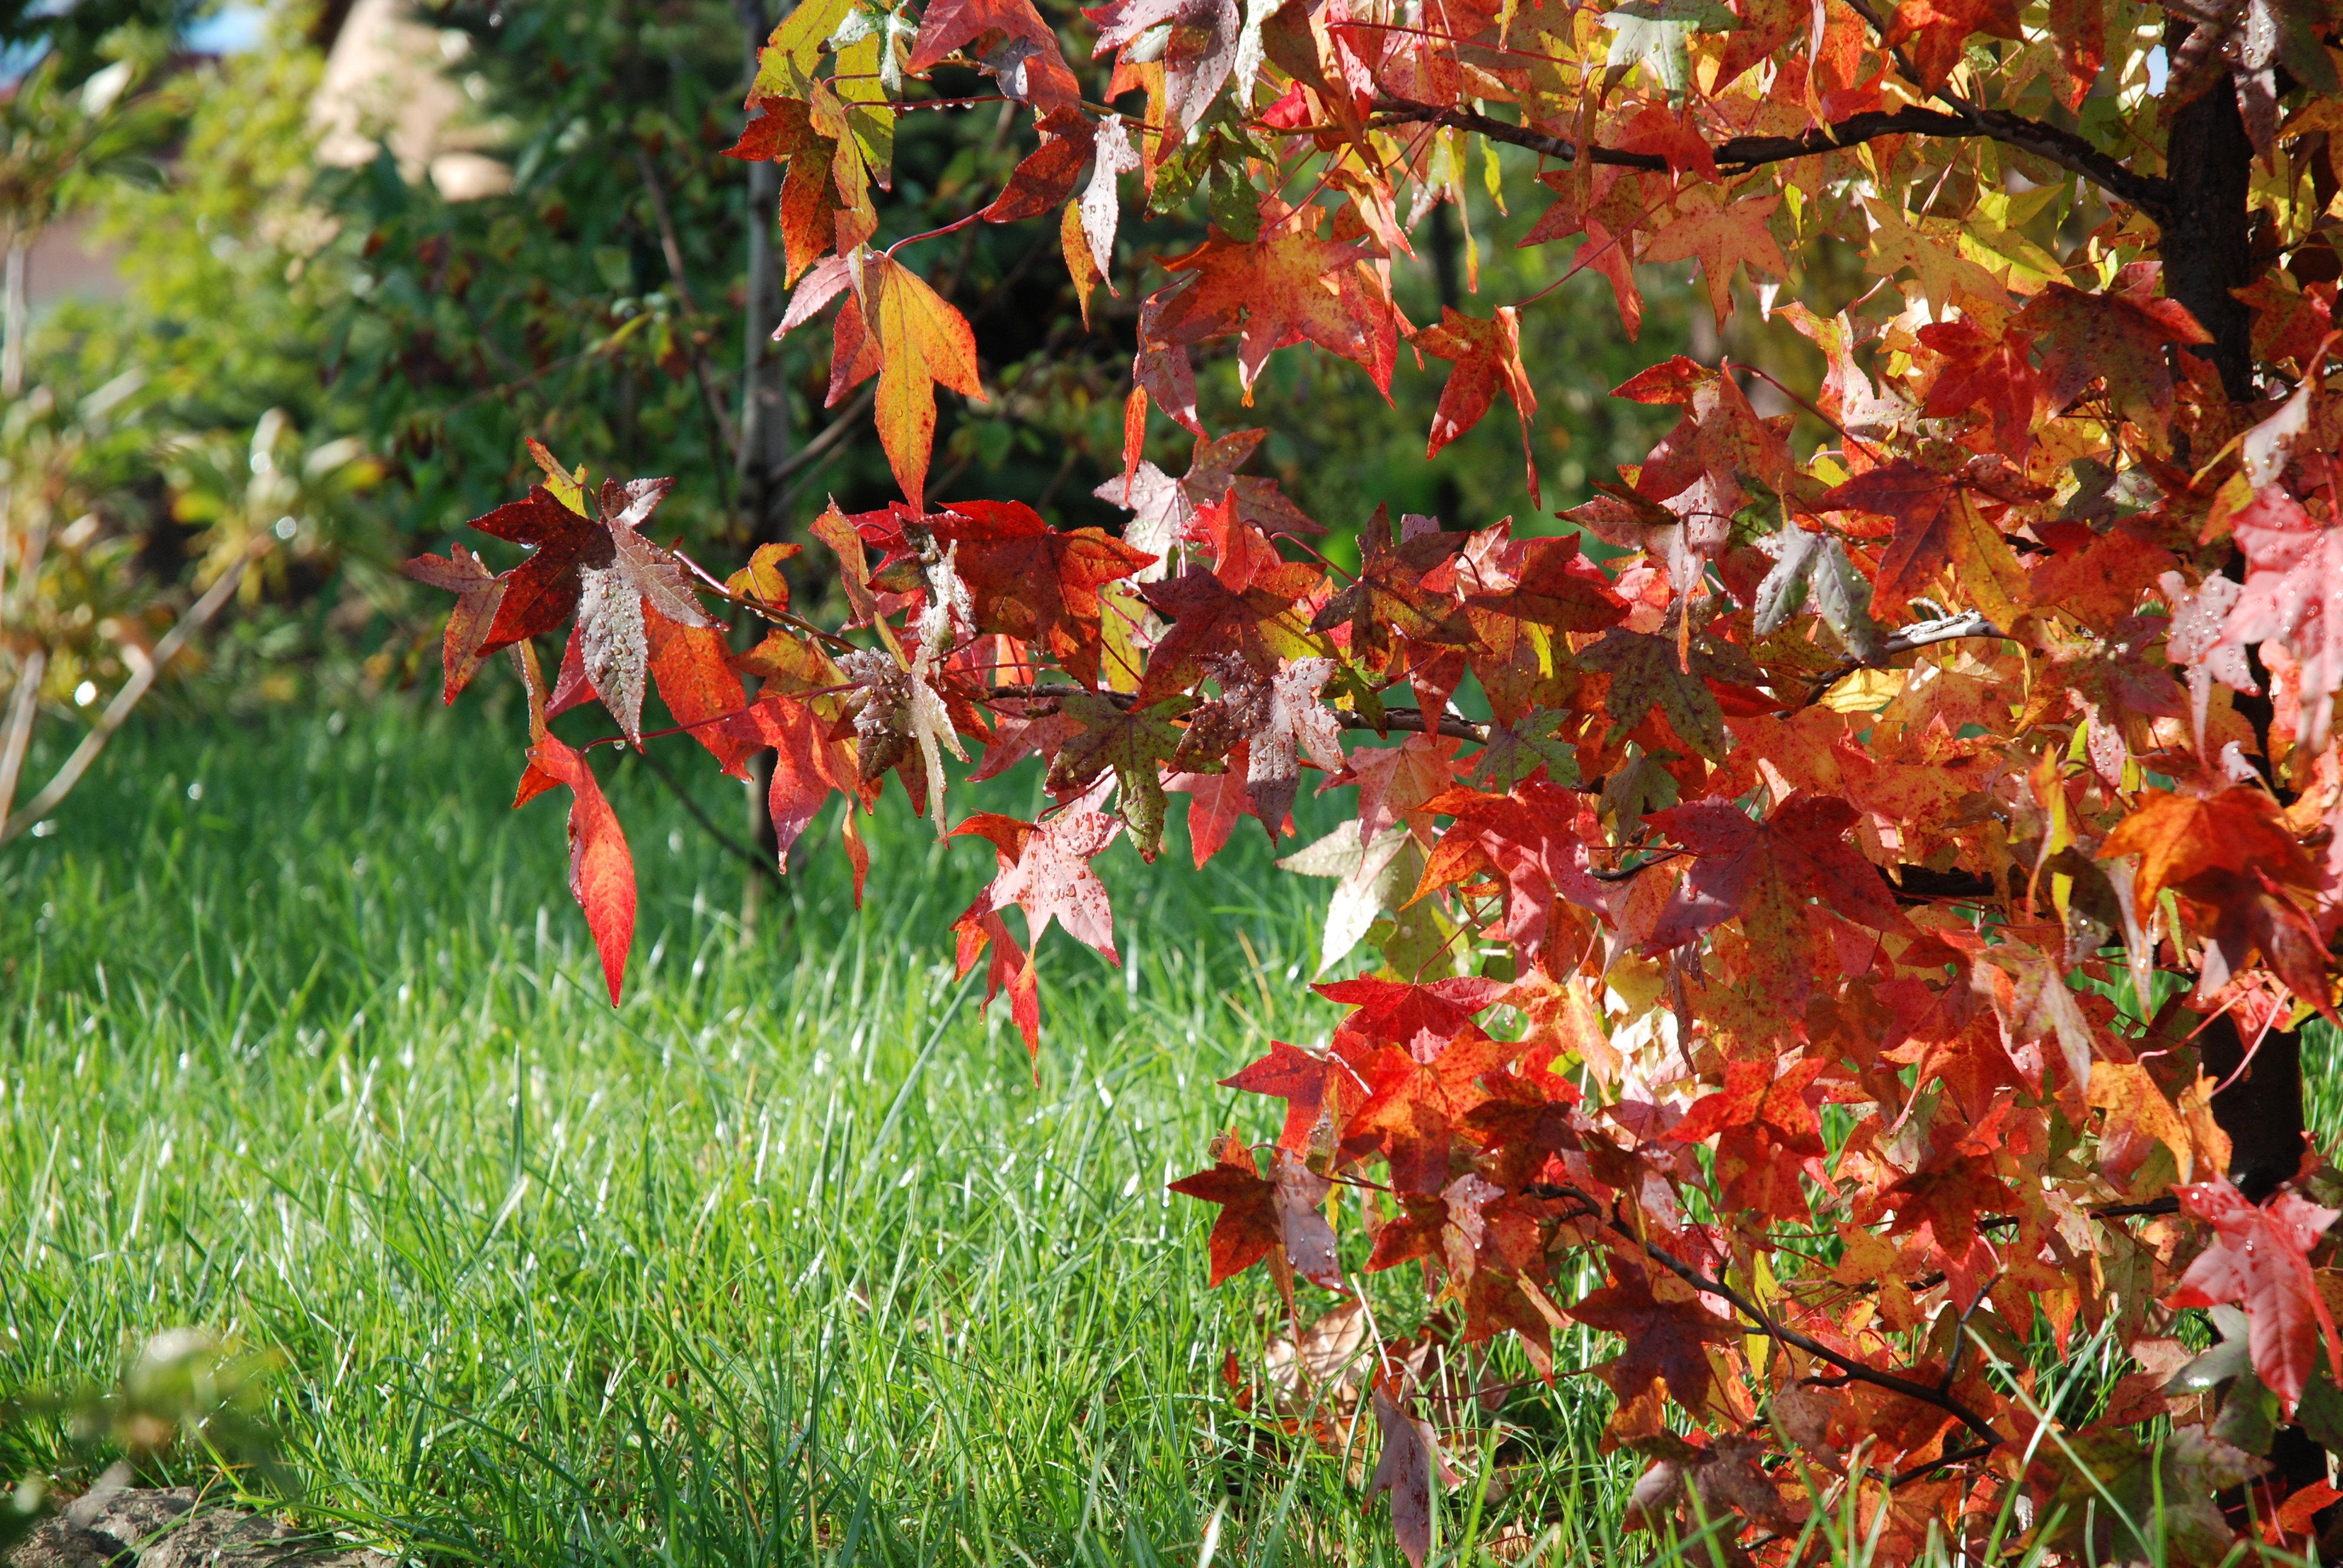 Az ámbrafának két titka van: 1. ültetéskor savanyítani kell a talaját, 2. nem kell trágyázni, a tápanyagdús talajon ugyanis nem lesz ilyen gyönyörű őszi lombszíne